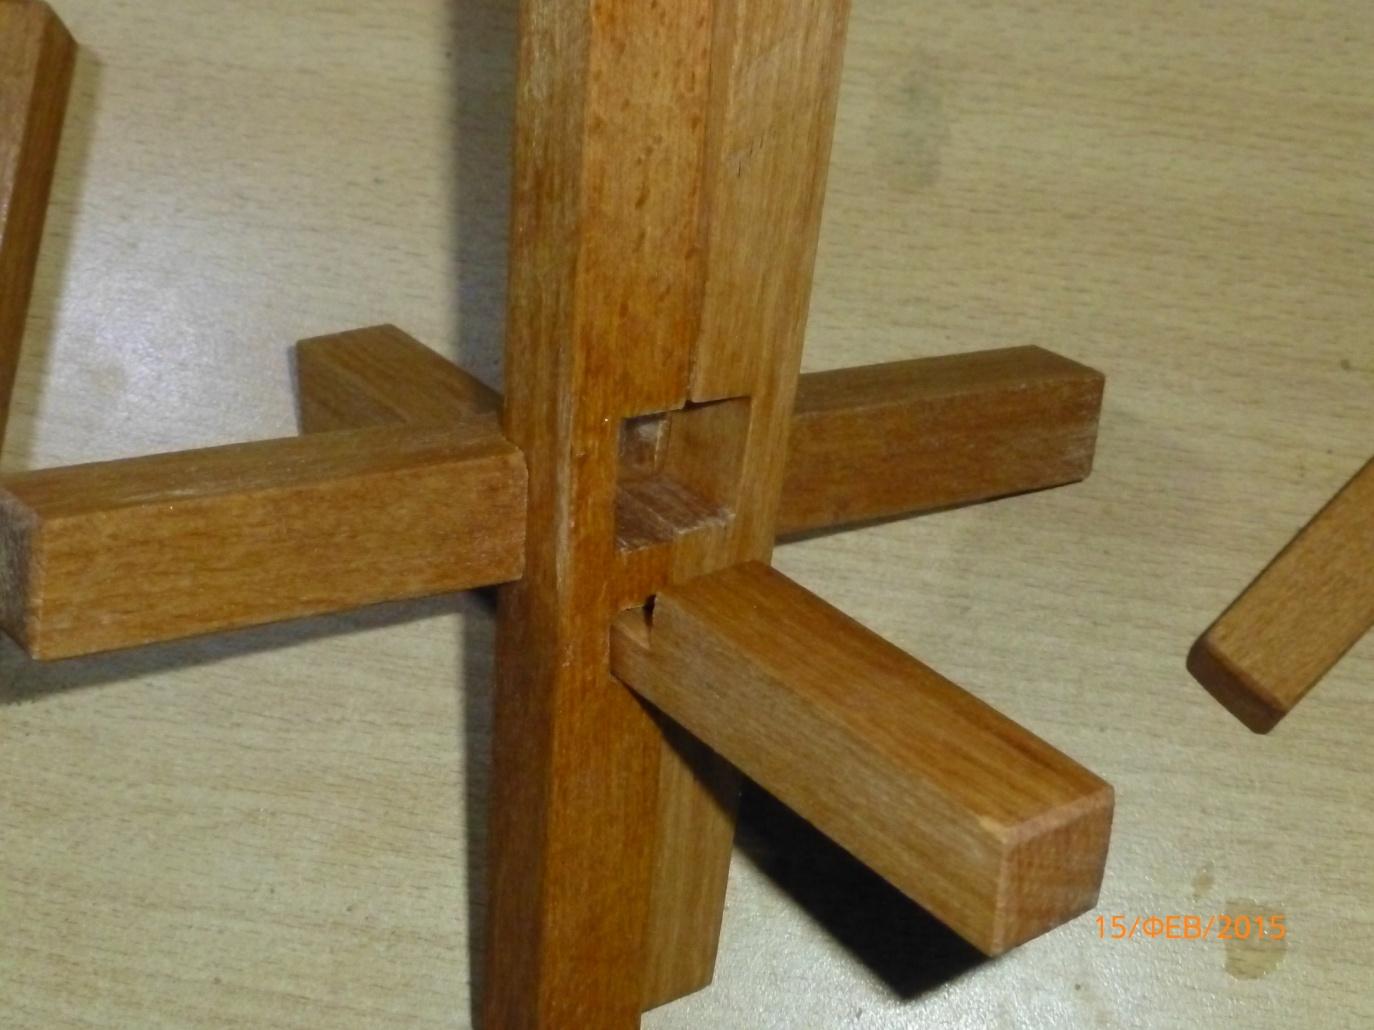 F:\Мои документы\Школа\Уроки\технология\Технология мальч\МОЁ мастерские фото\Двойной крест мой\2 крест Макарова мой\Сборка 2 креста Макарова\3.JPG